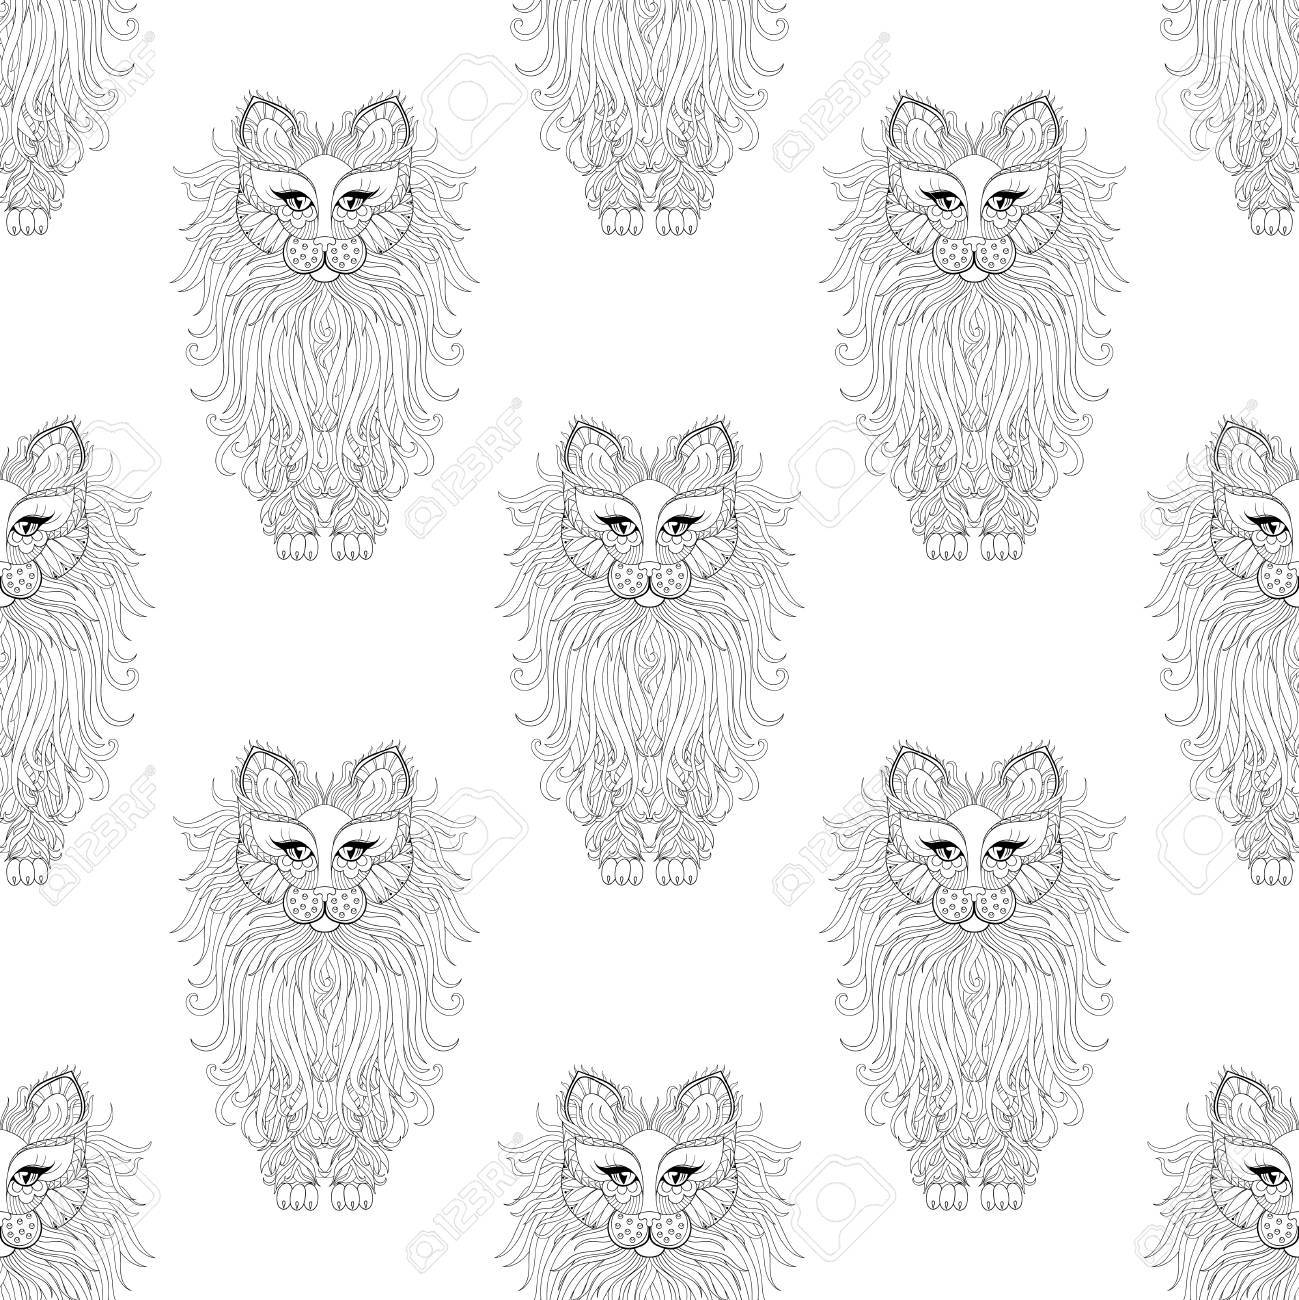 Fluffy Katze Nahtlose Muster, Stil. Handskizze Für Erwachsene ...